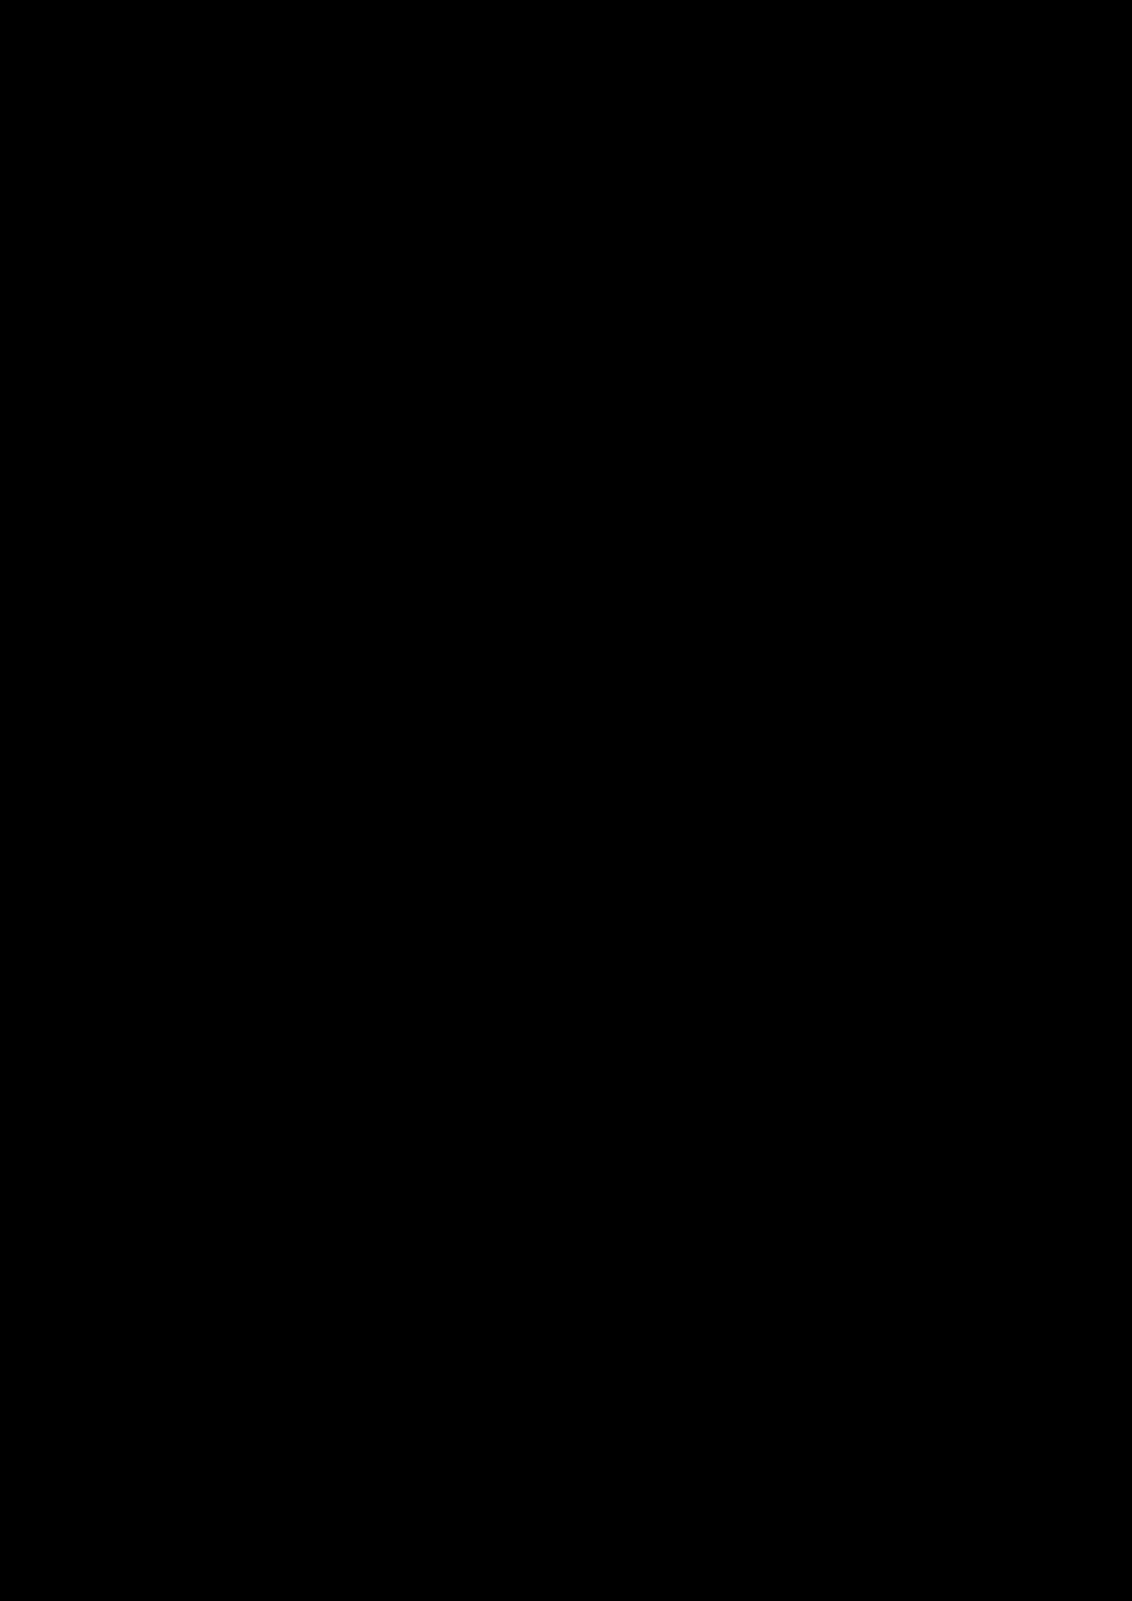 Zagadka volshebnoy stranyi slide, Image 129